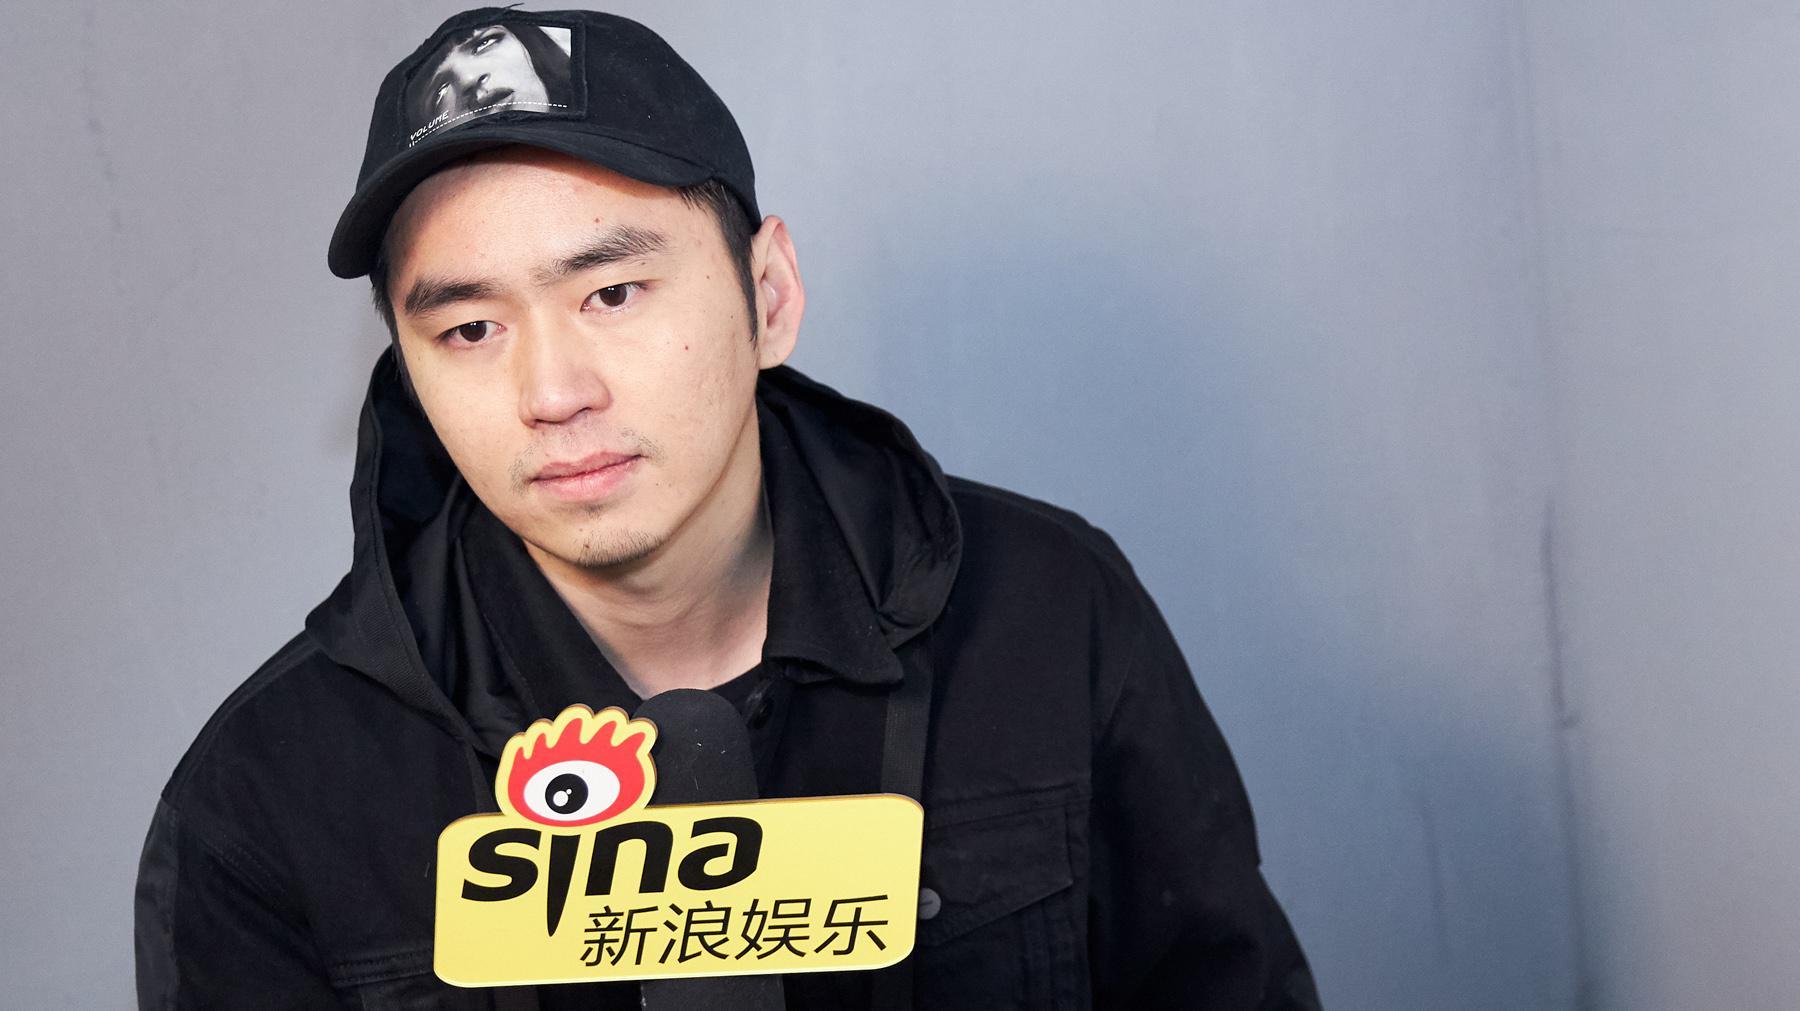 甘剑宇称张若昀表演有张力海清受了很多苦